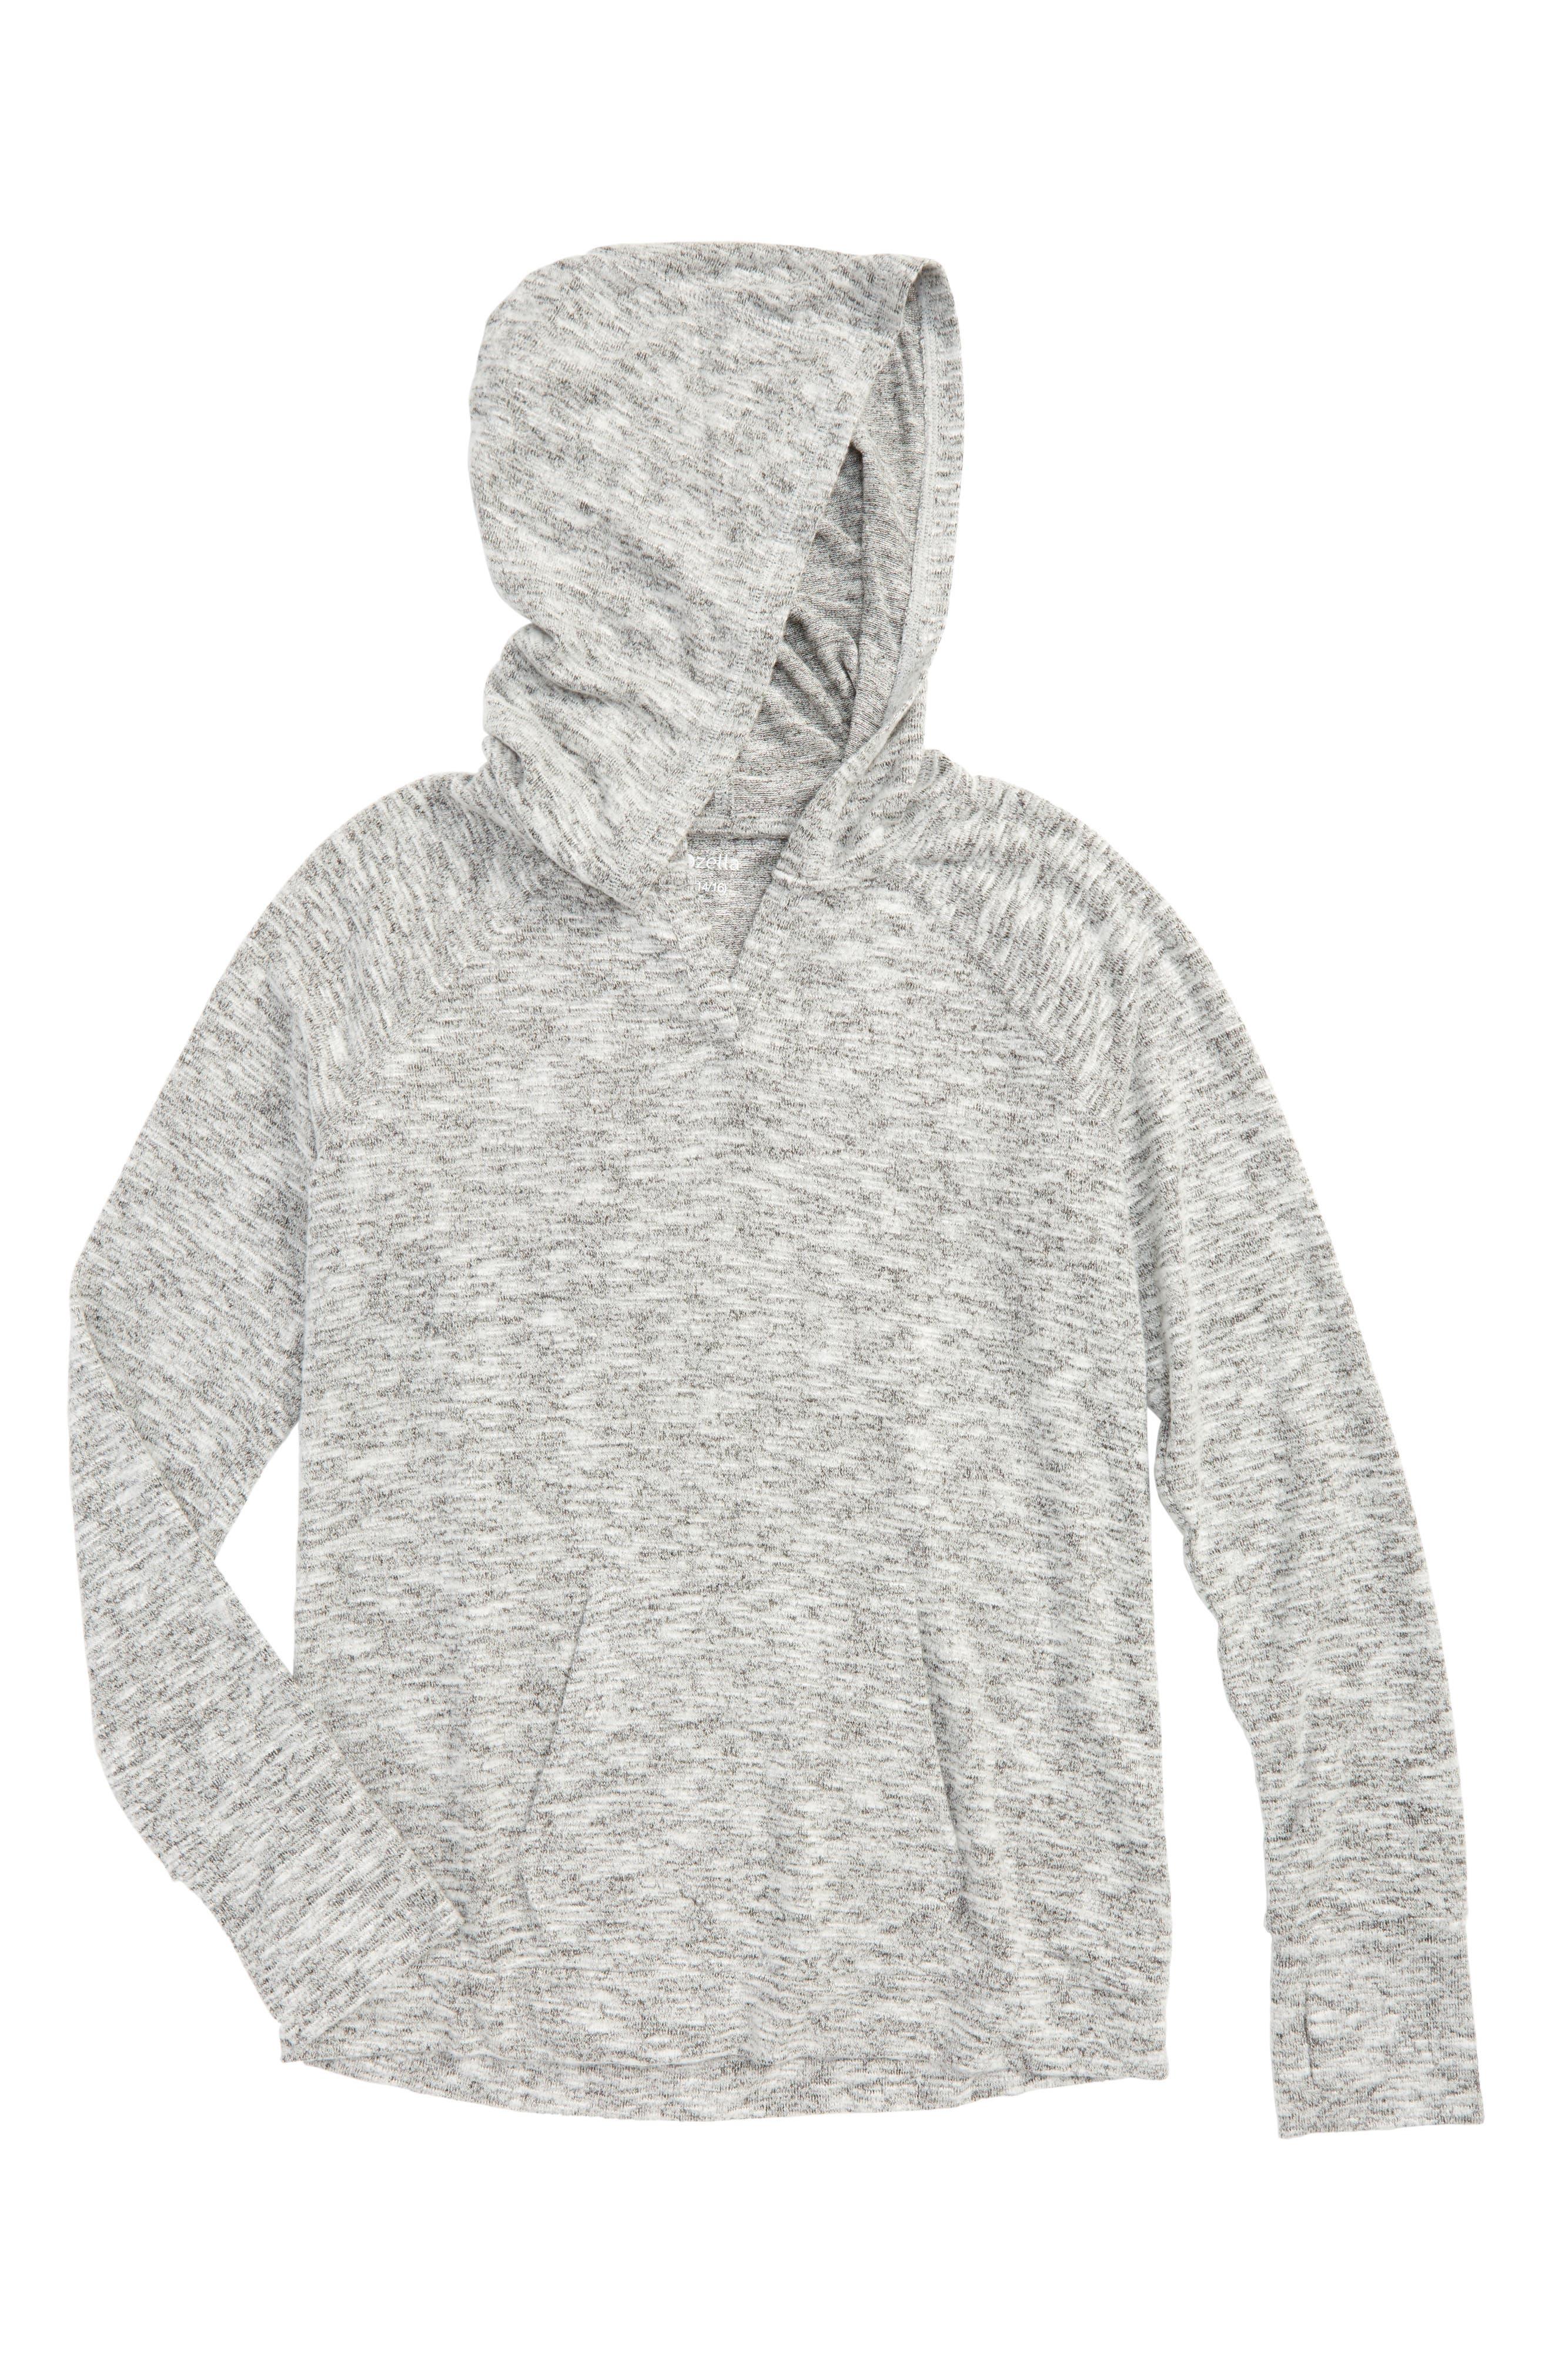 Vinyasa Cutout Hooded Pullover,                         Main,                         color, 001